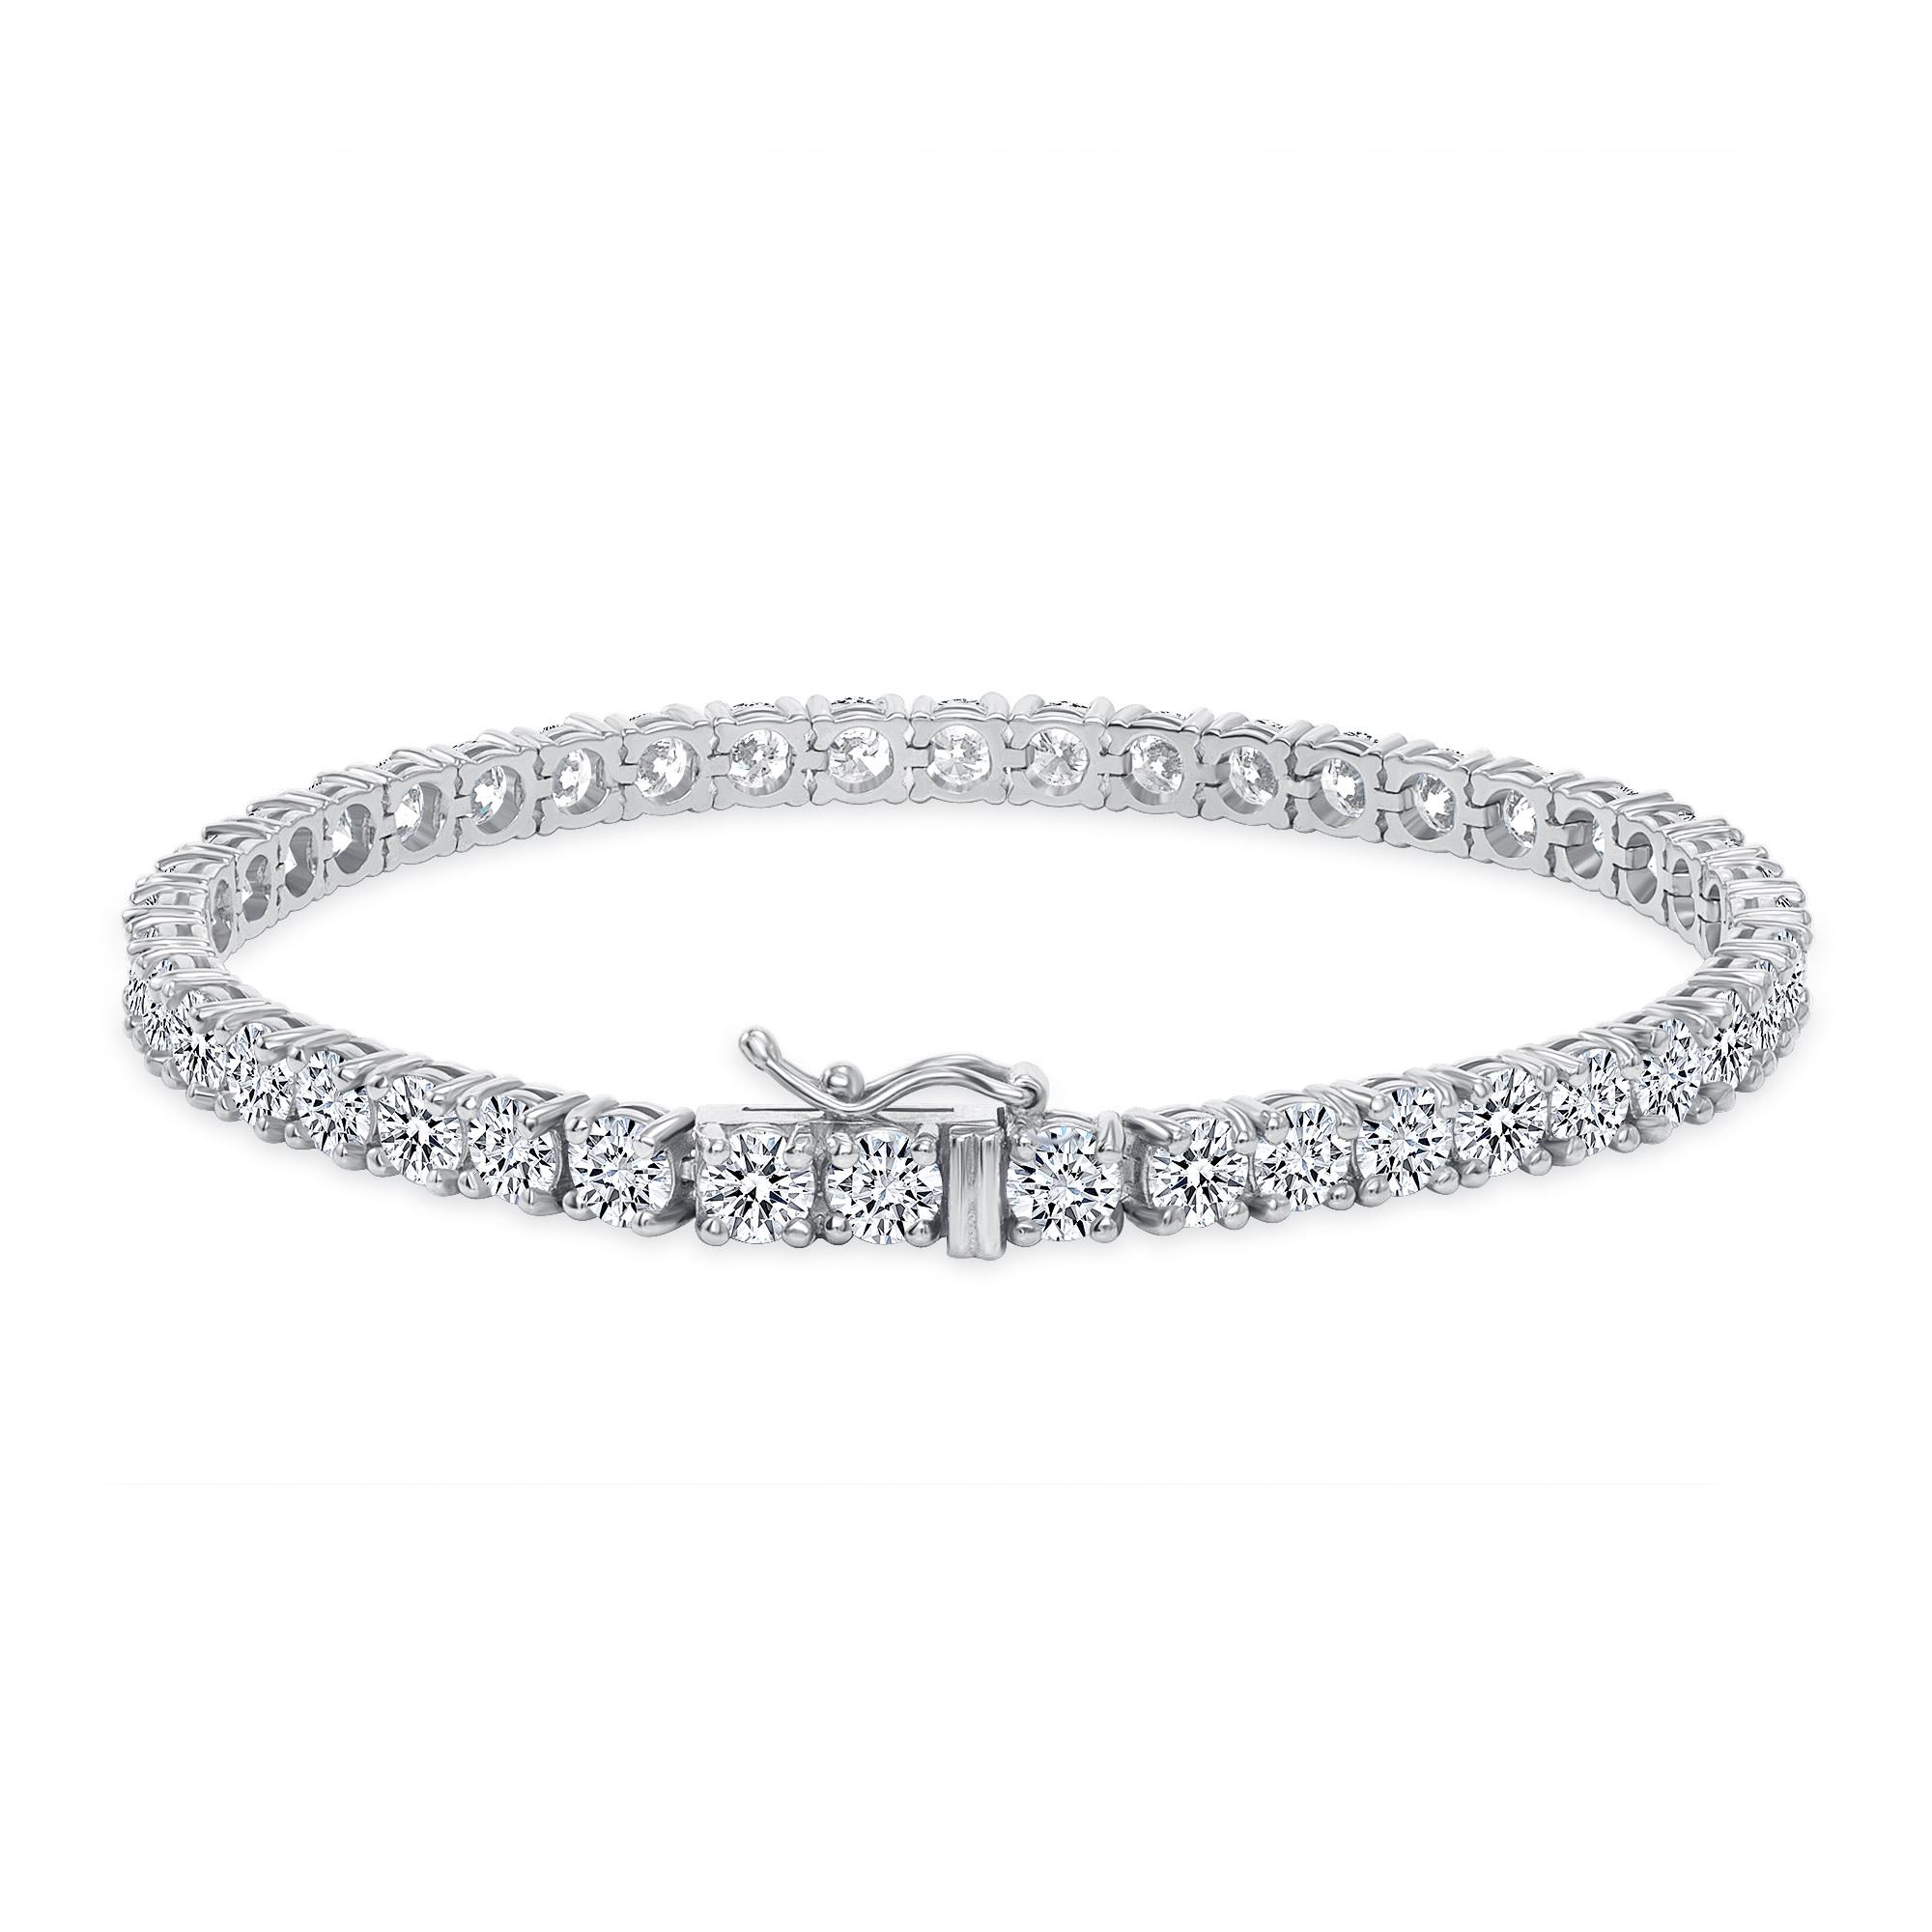 14k white gold tennis bracelets